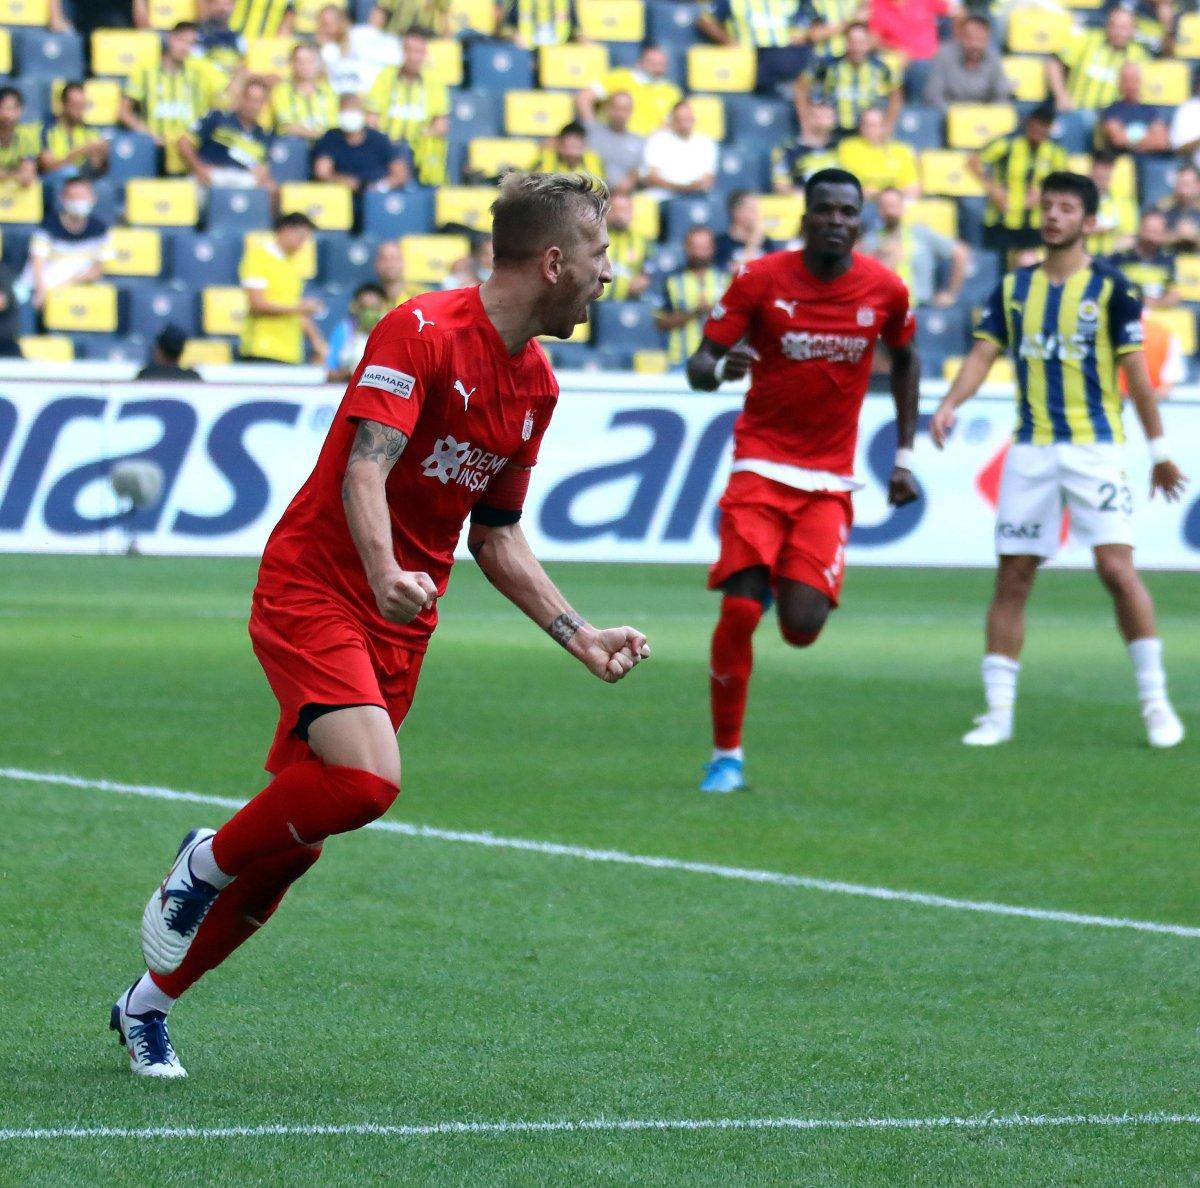 Fenerbahçe, Sivasspor la berabere kaldı #7